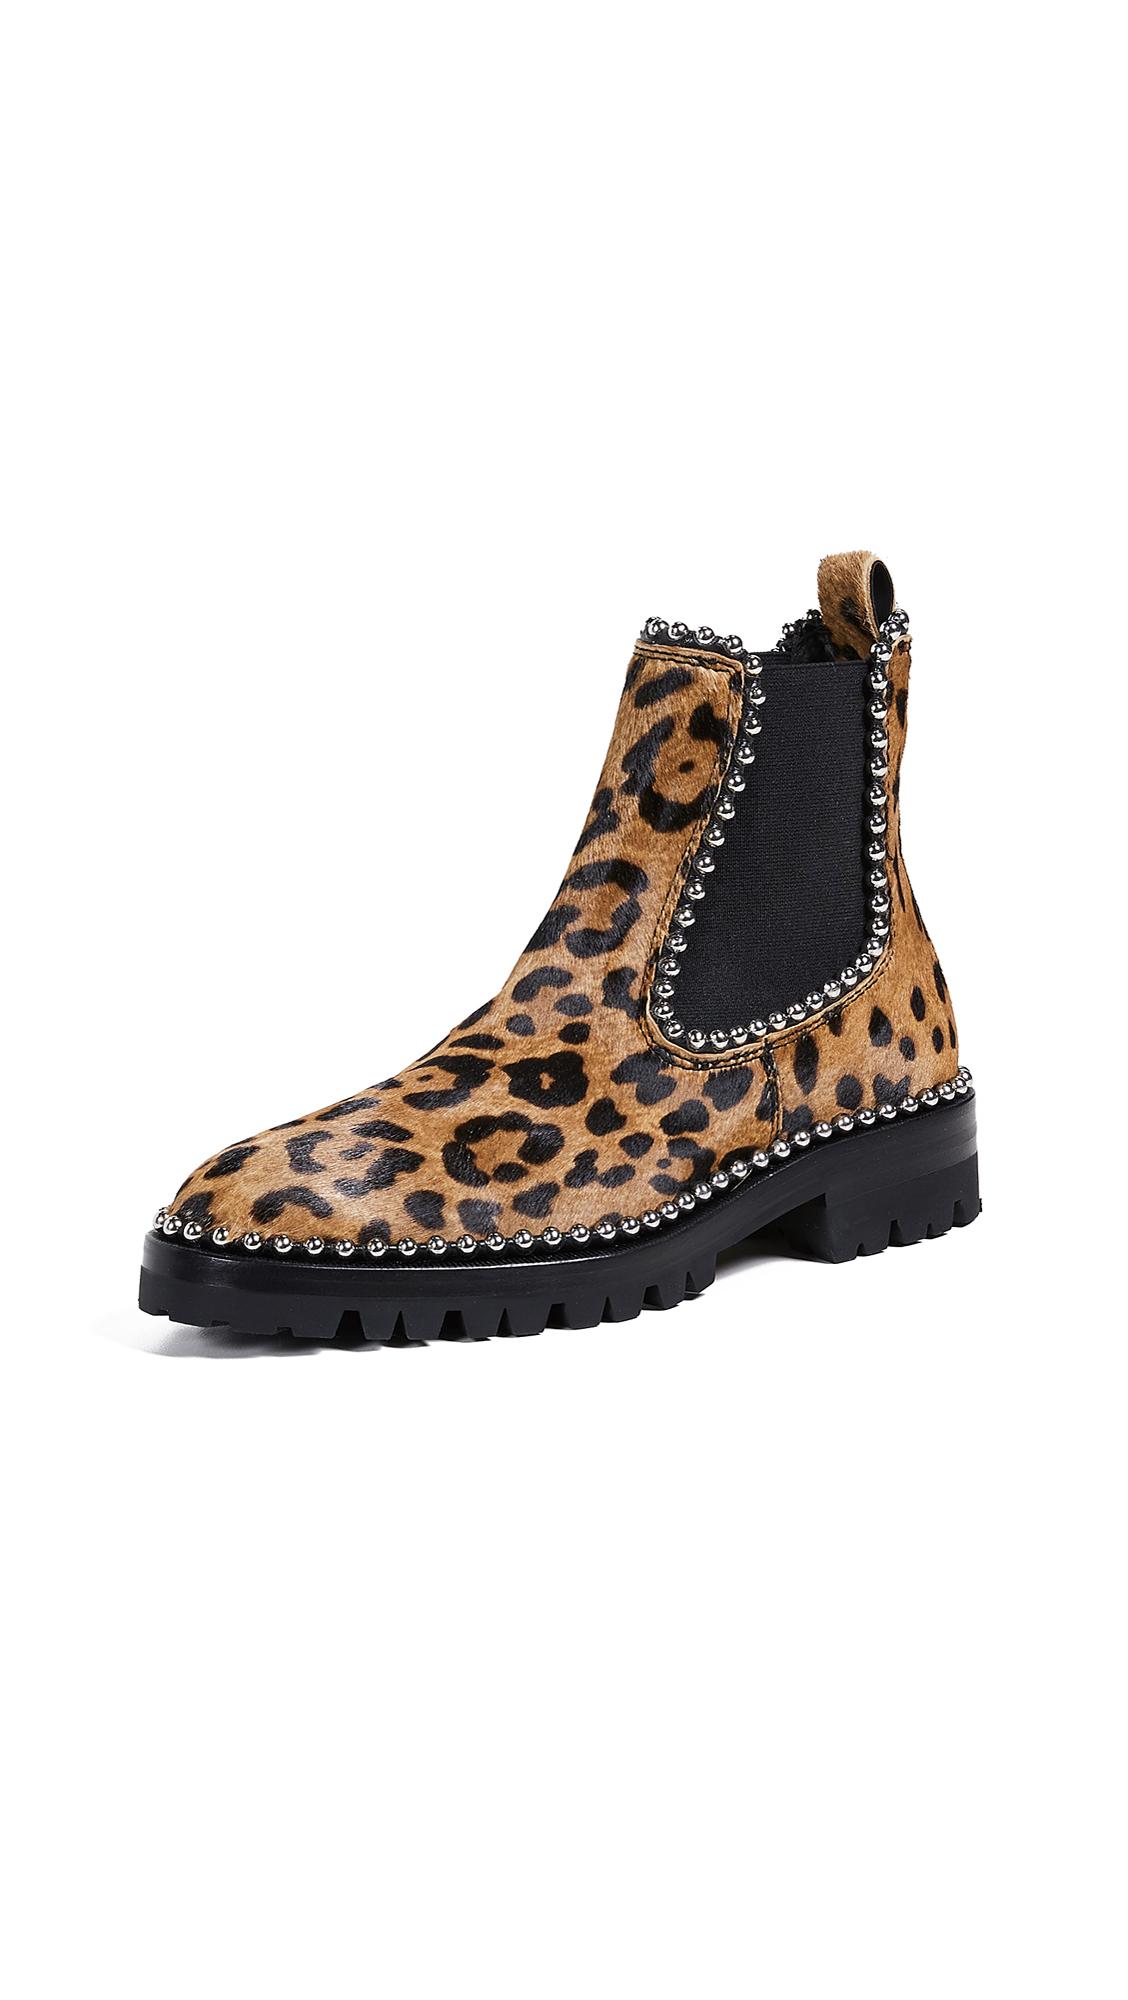 Alexander Wang Spencer Ball Chain Chelsea Boots - Leopard